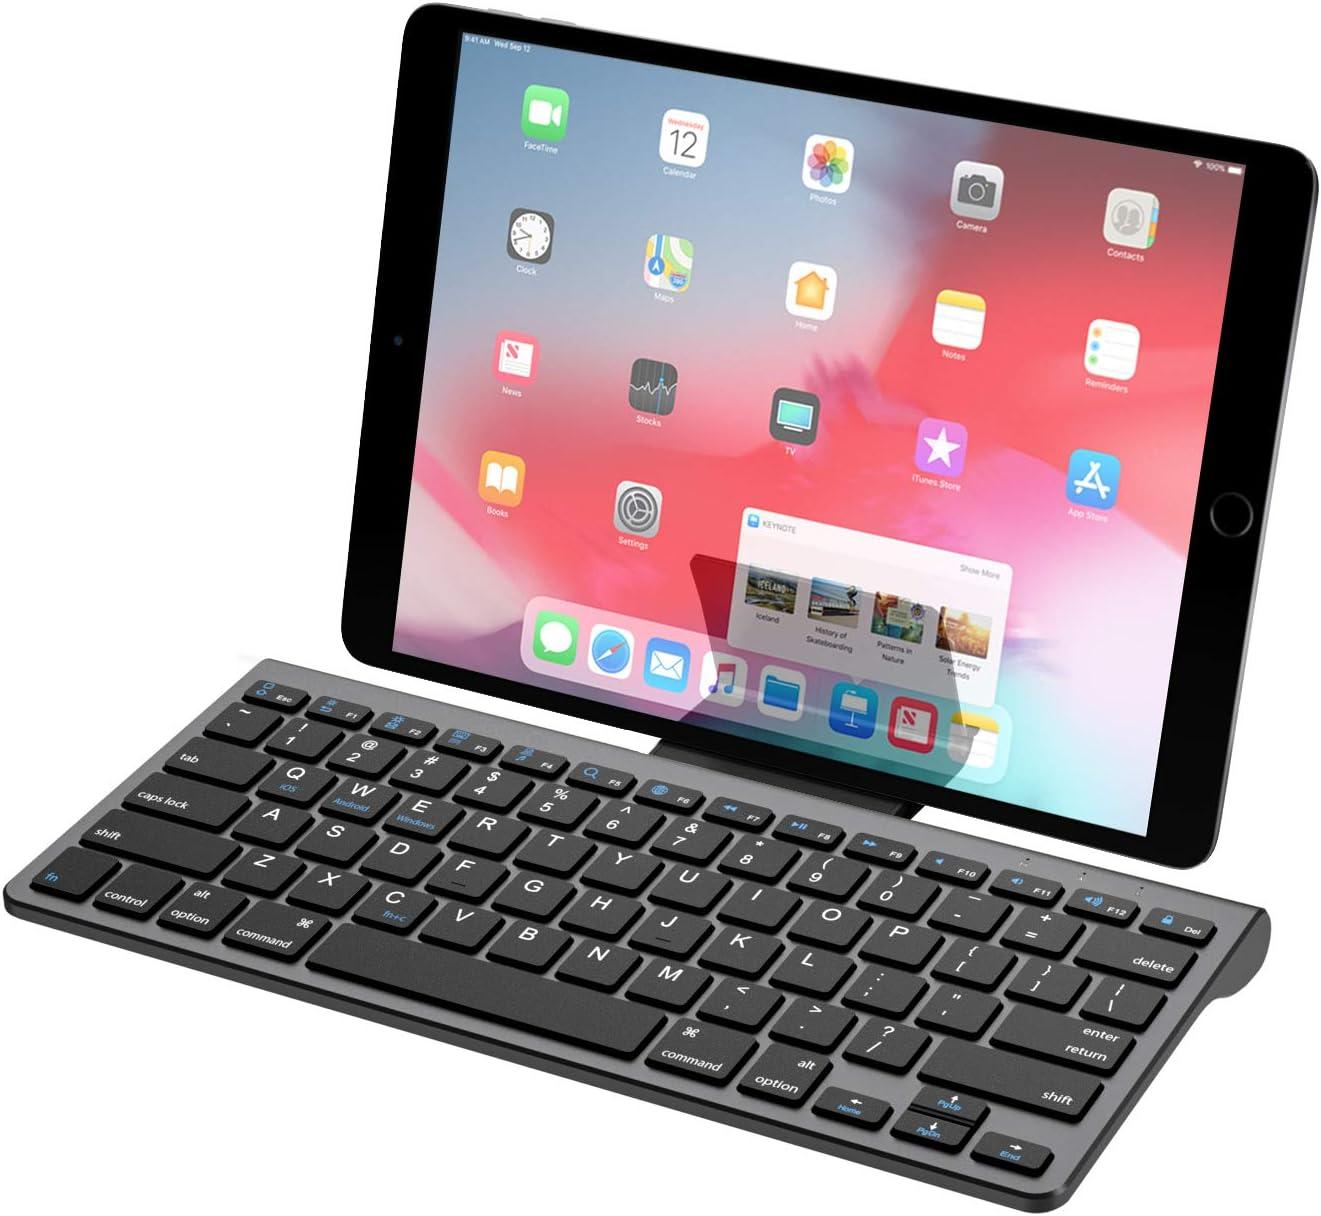 MoKo Teclado de Bluetooth, Ultra-Delgado y Portátil Teclado Inalámbrico con Batería Recargable Compatible para Android, Windows, iOS, Phone, Tableta - Gris